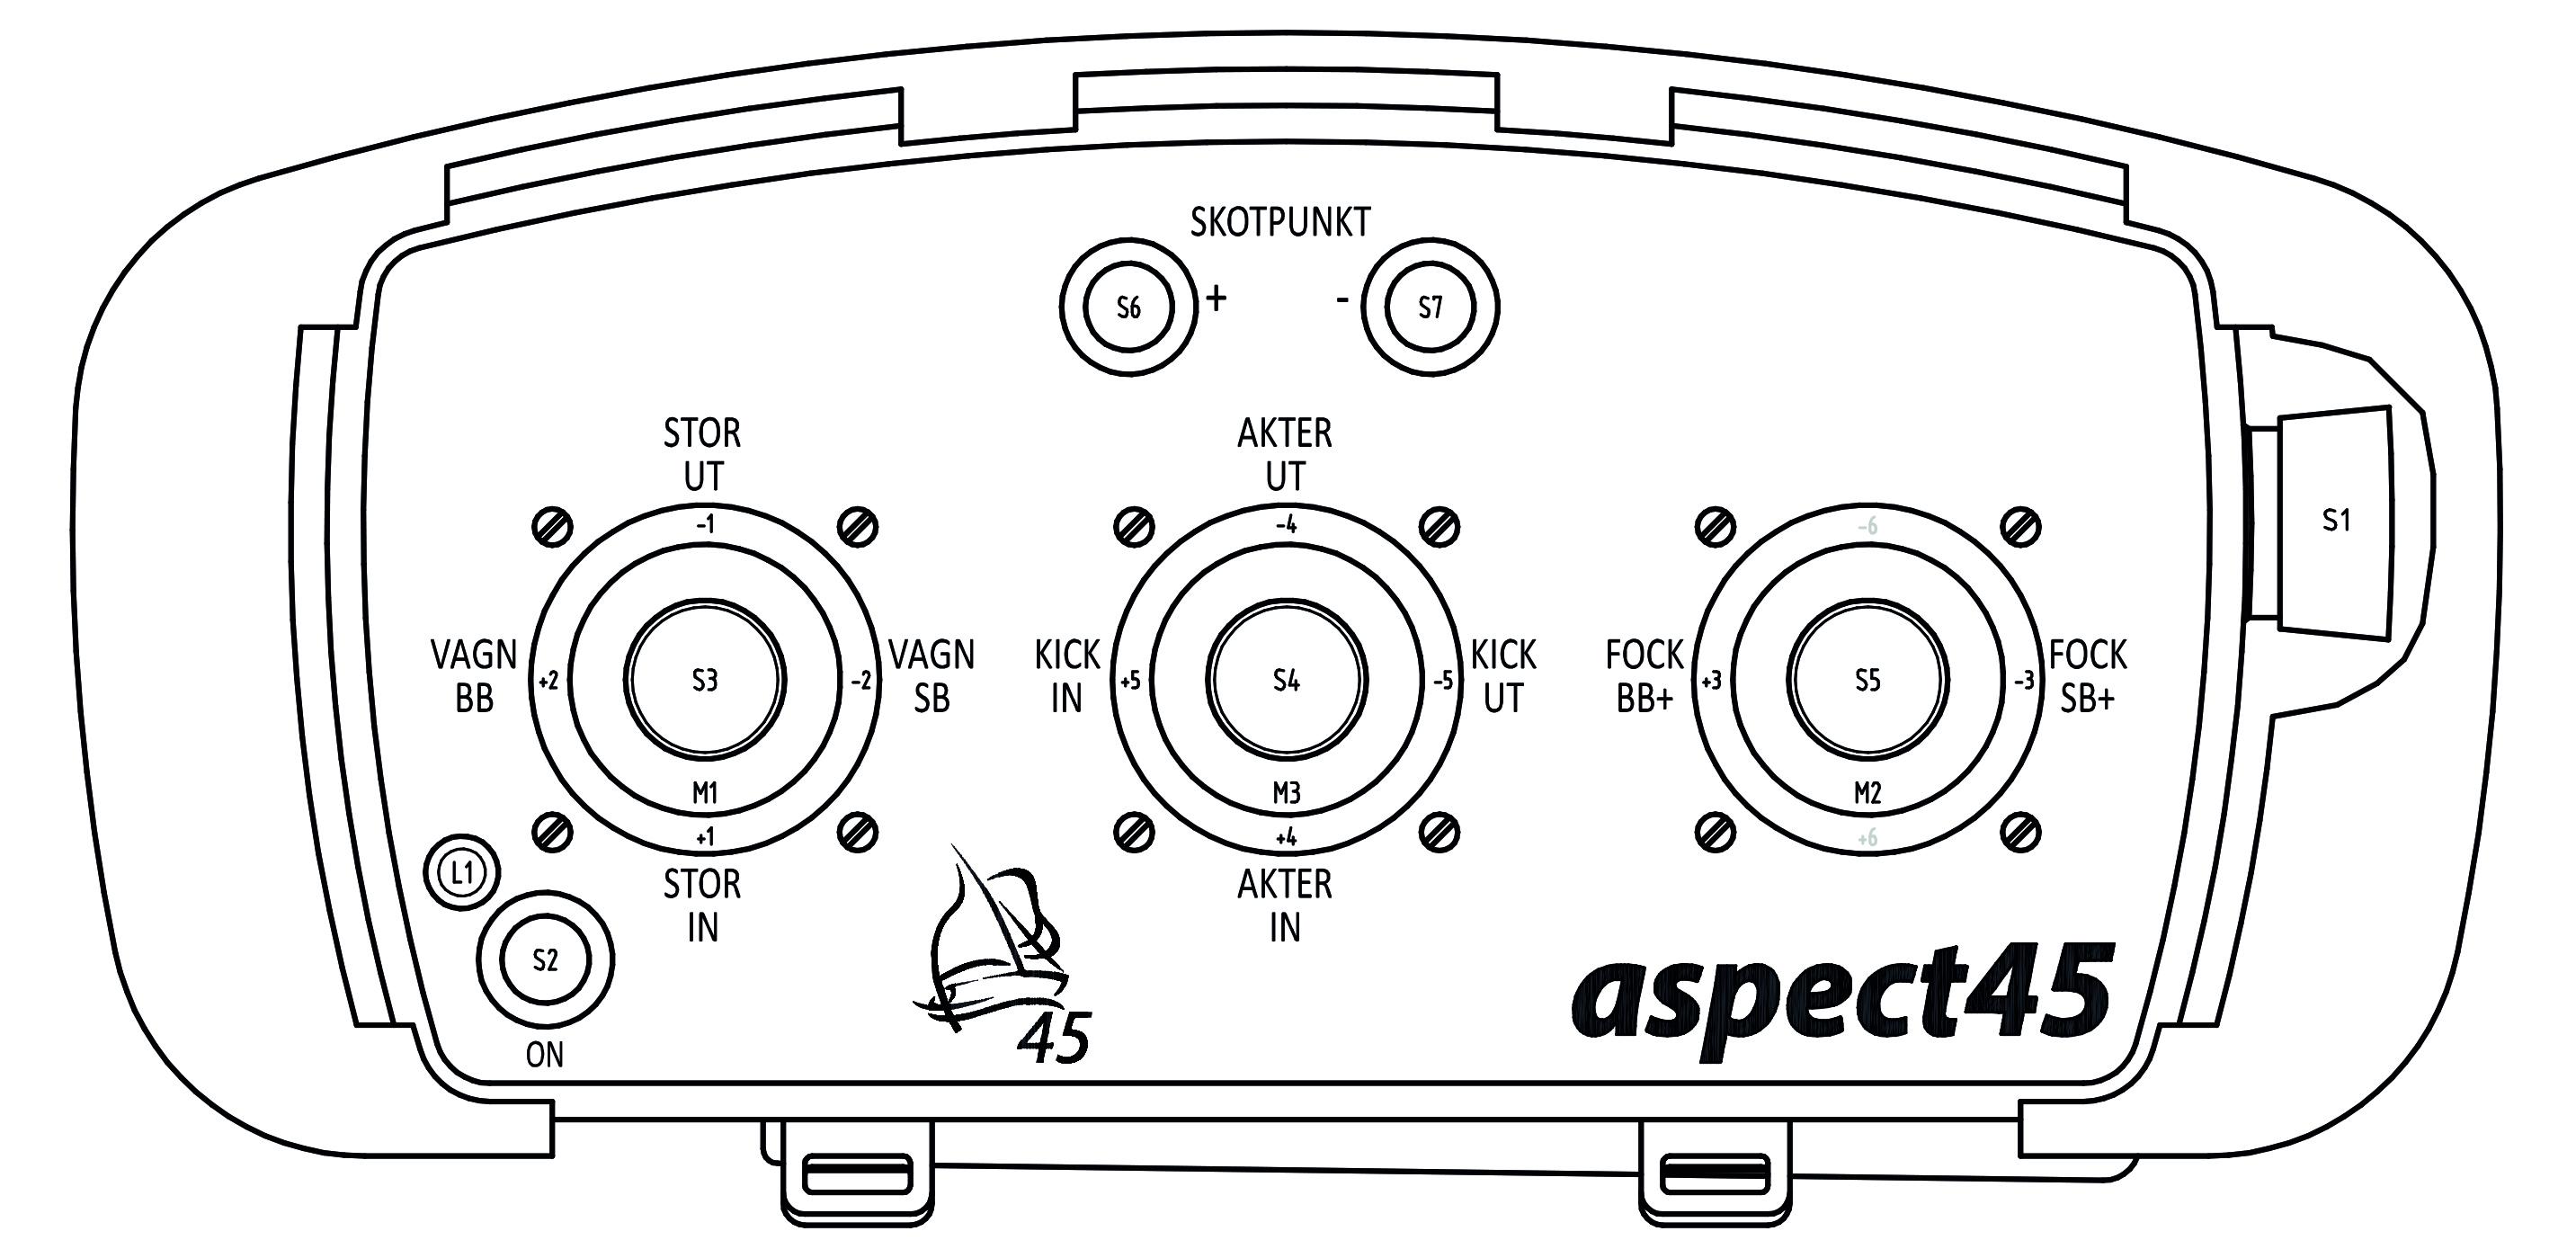 Aspect45 joystick